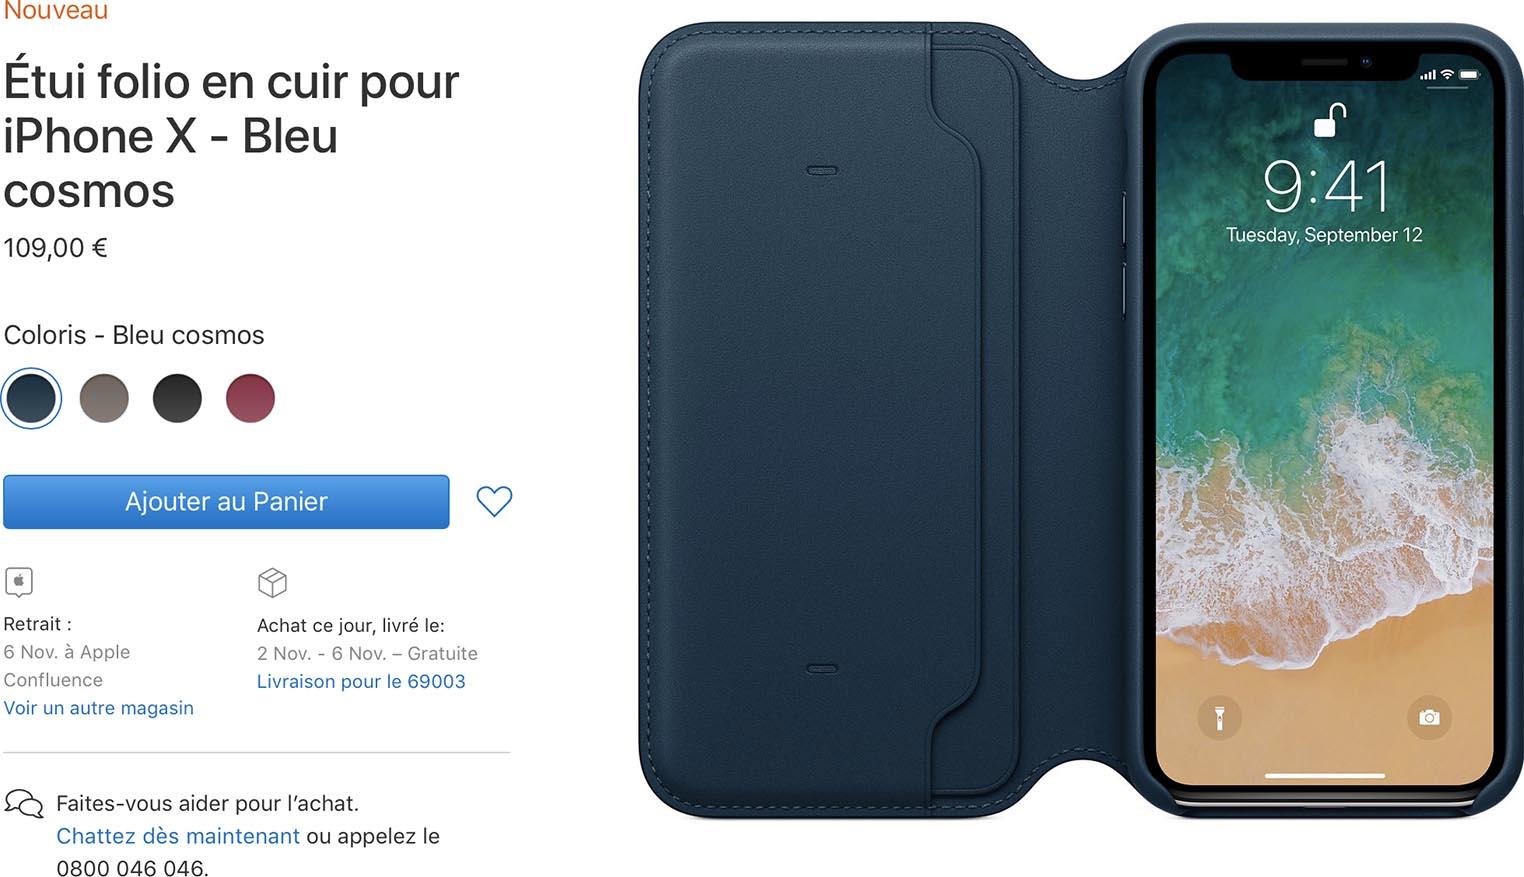 Étui folio iPhoneX